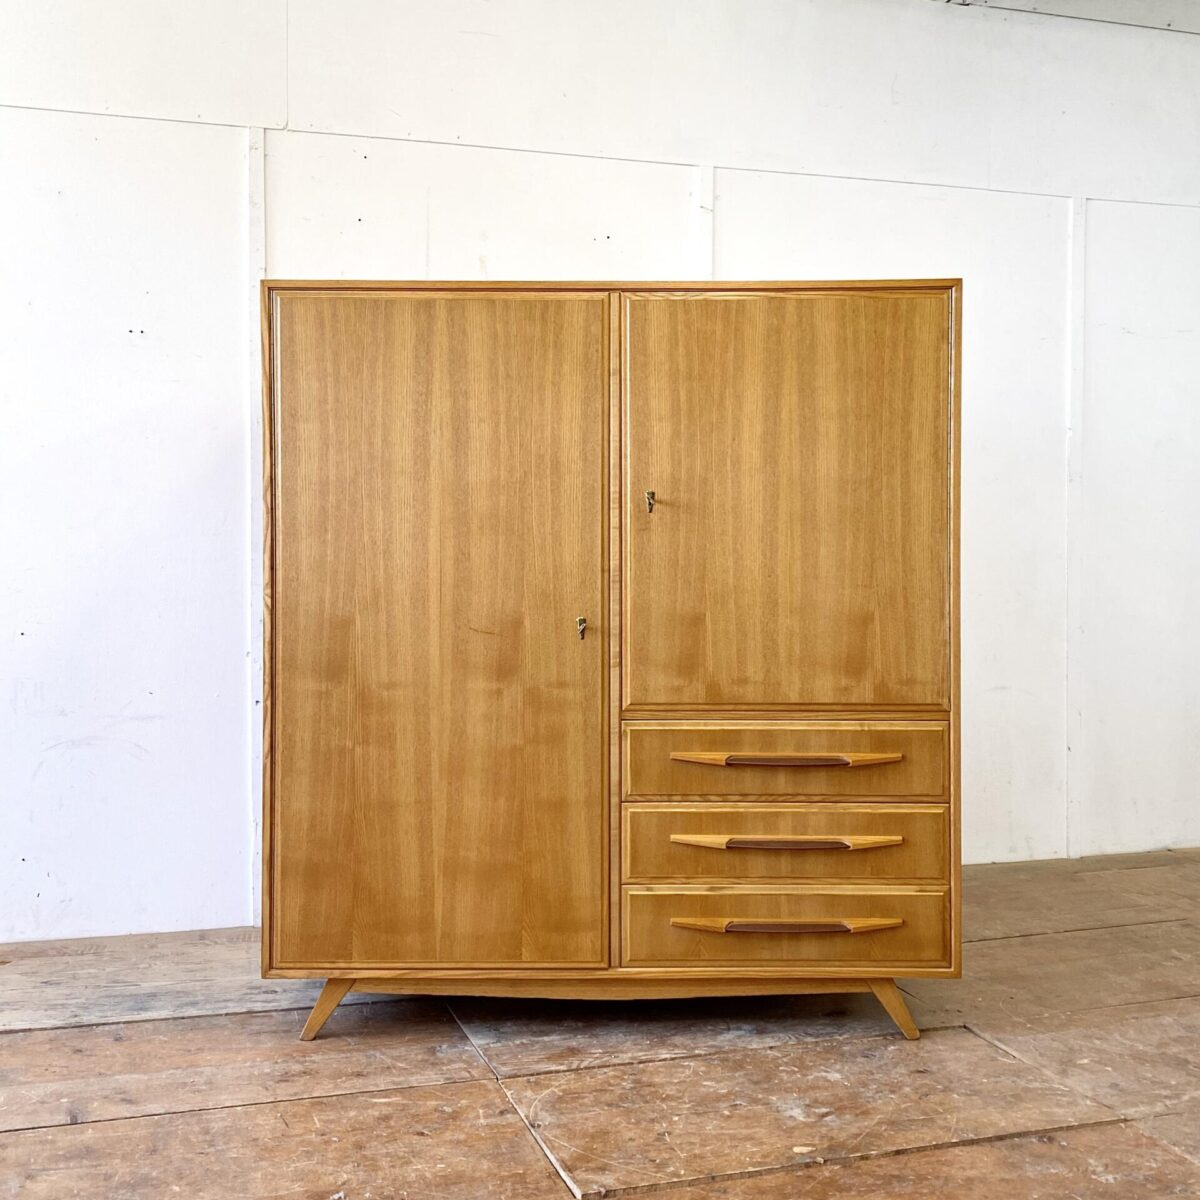 Deuxieme.shop swissdesign Schrank 50s. Schweizer Kleiderschrank Eschenholz furniert, von Corta Multiform aus den 50er Jahren. 140x57cm Höhe 153cm. Der Schrank ist in schönem Original Zustand, die violett-braunen Schubladengriffe sind aus Kunstleder. Hinter den Türen befinden sich Tablare und eine Kleiderstange.